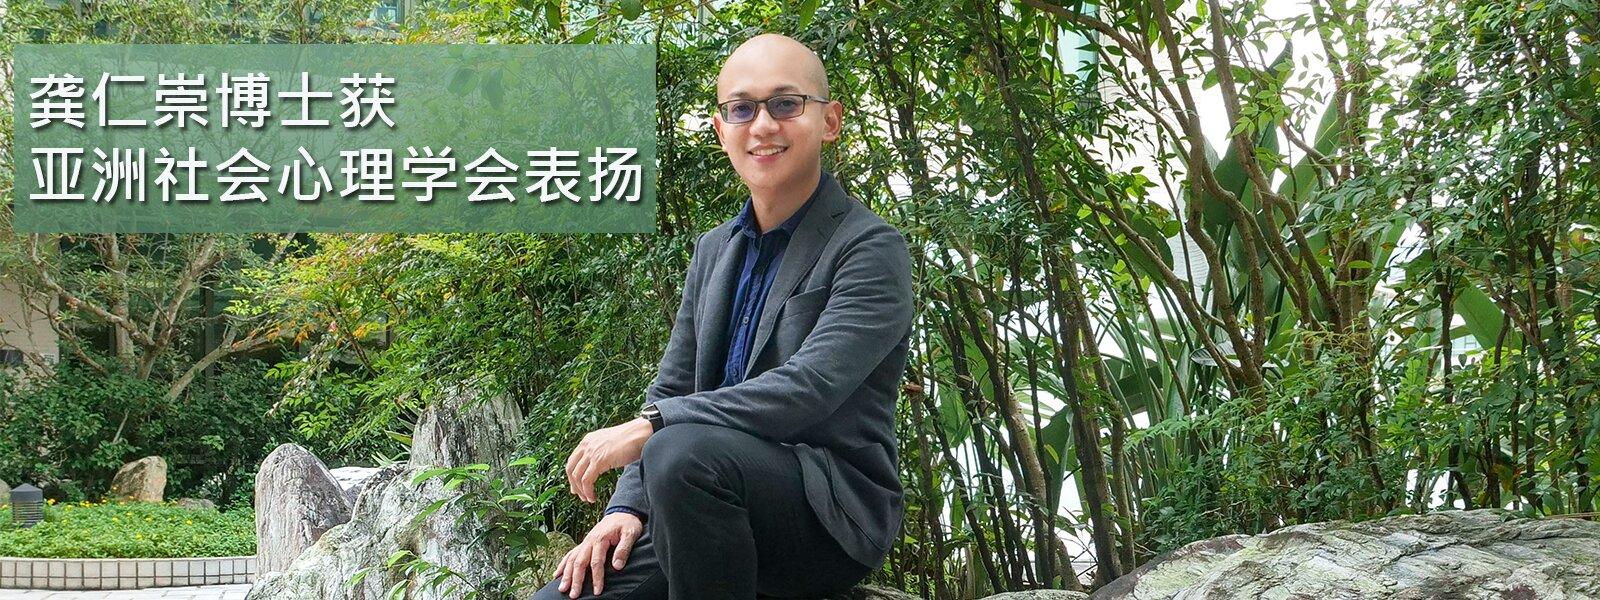 龚仁崇博士获亚洲社会心理学会表扬